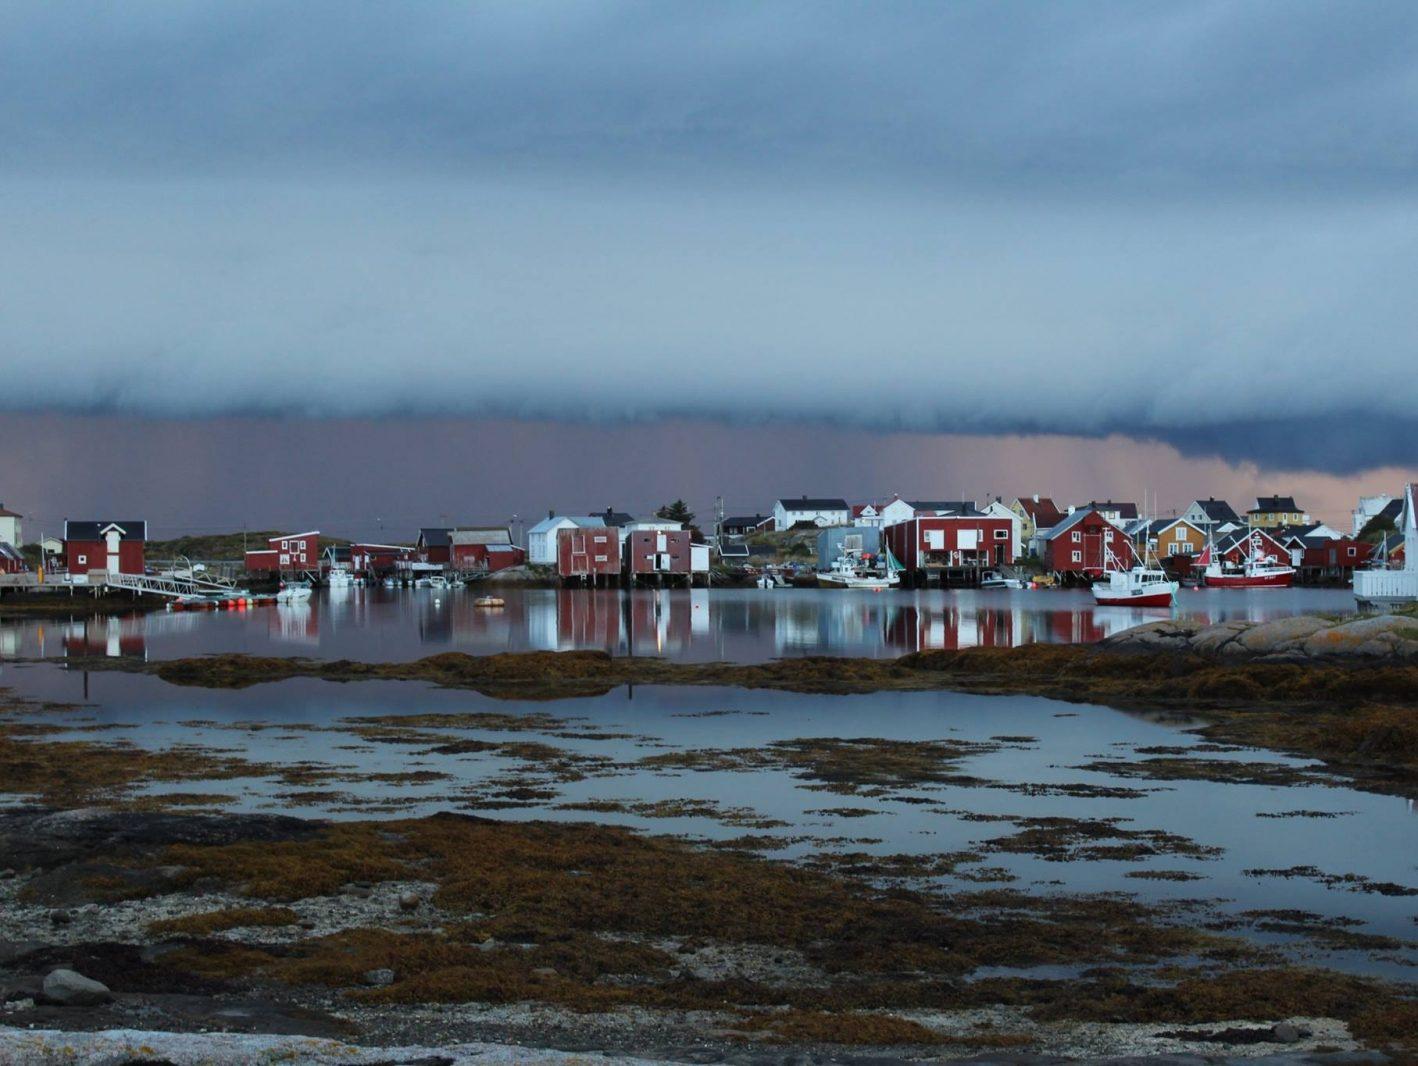 Bli med på øyhopping og opplevelser i Frøyas skjærgård, Øyrekka.